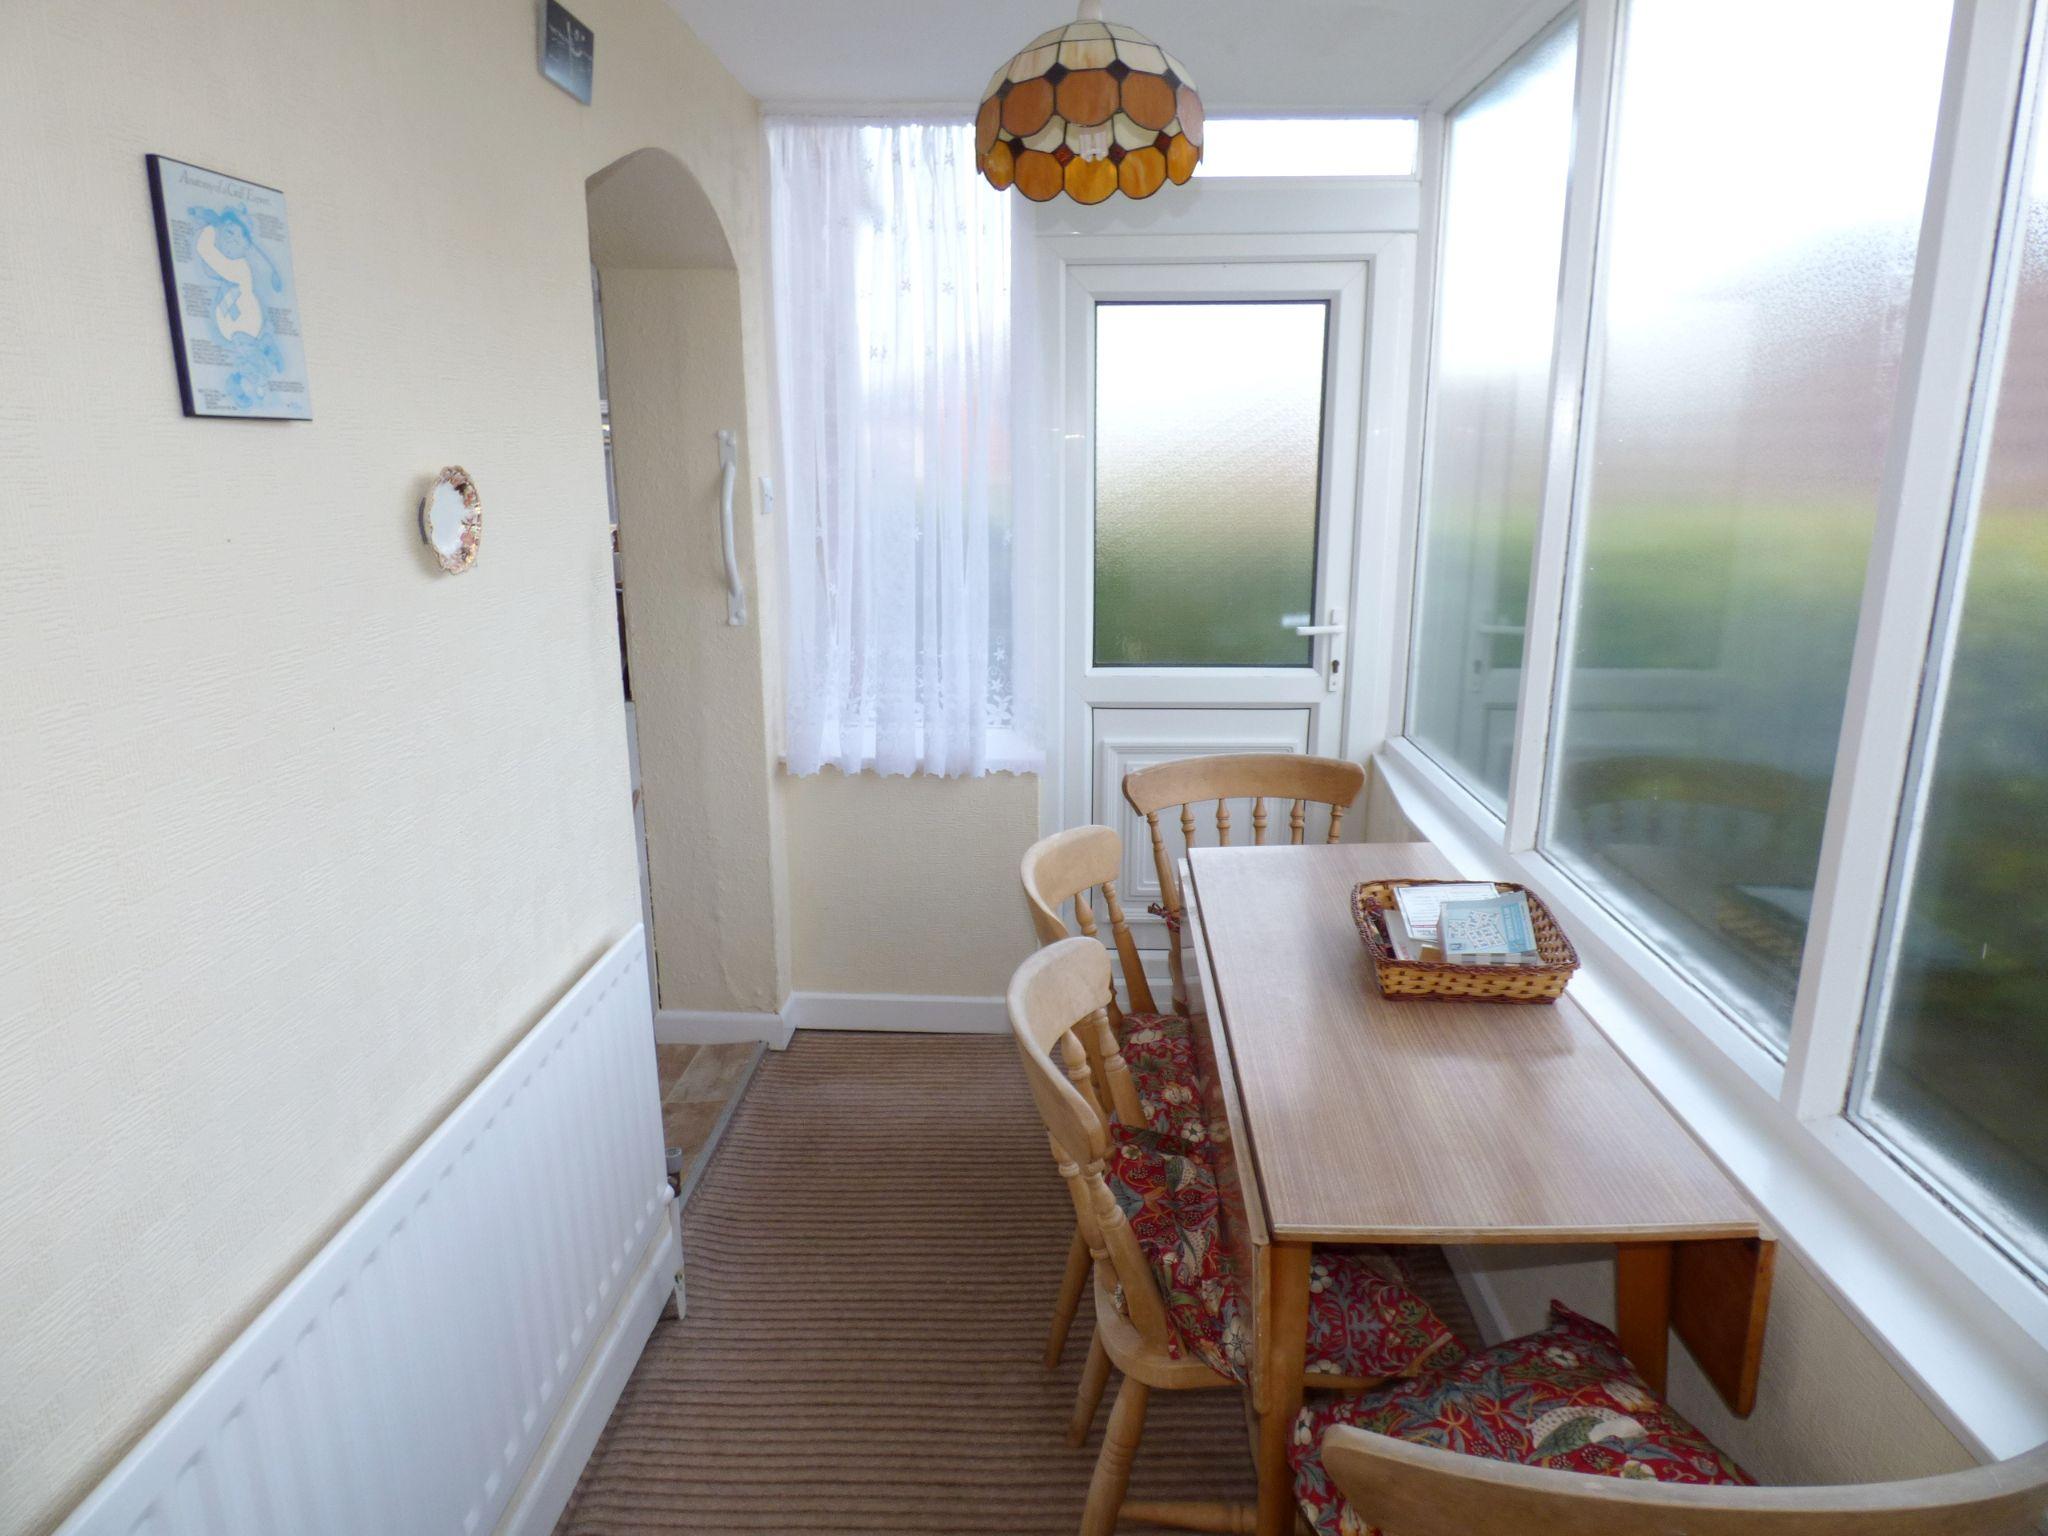 3 Bedroom Detached Bungalow For Sale - Breakfast Room